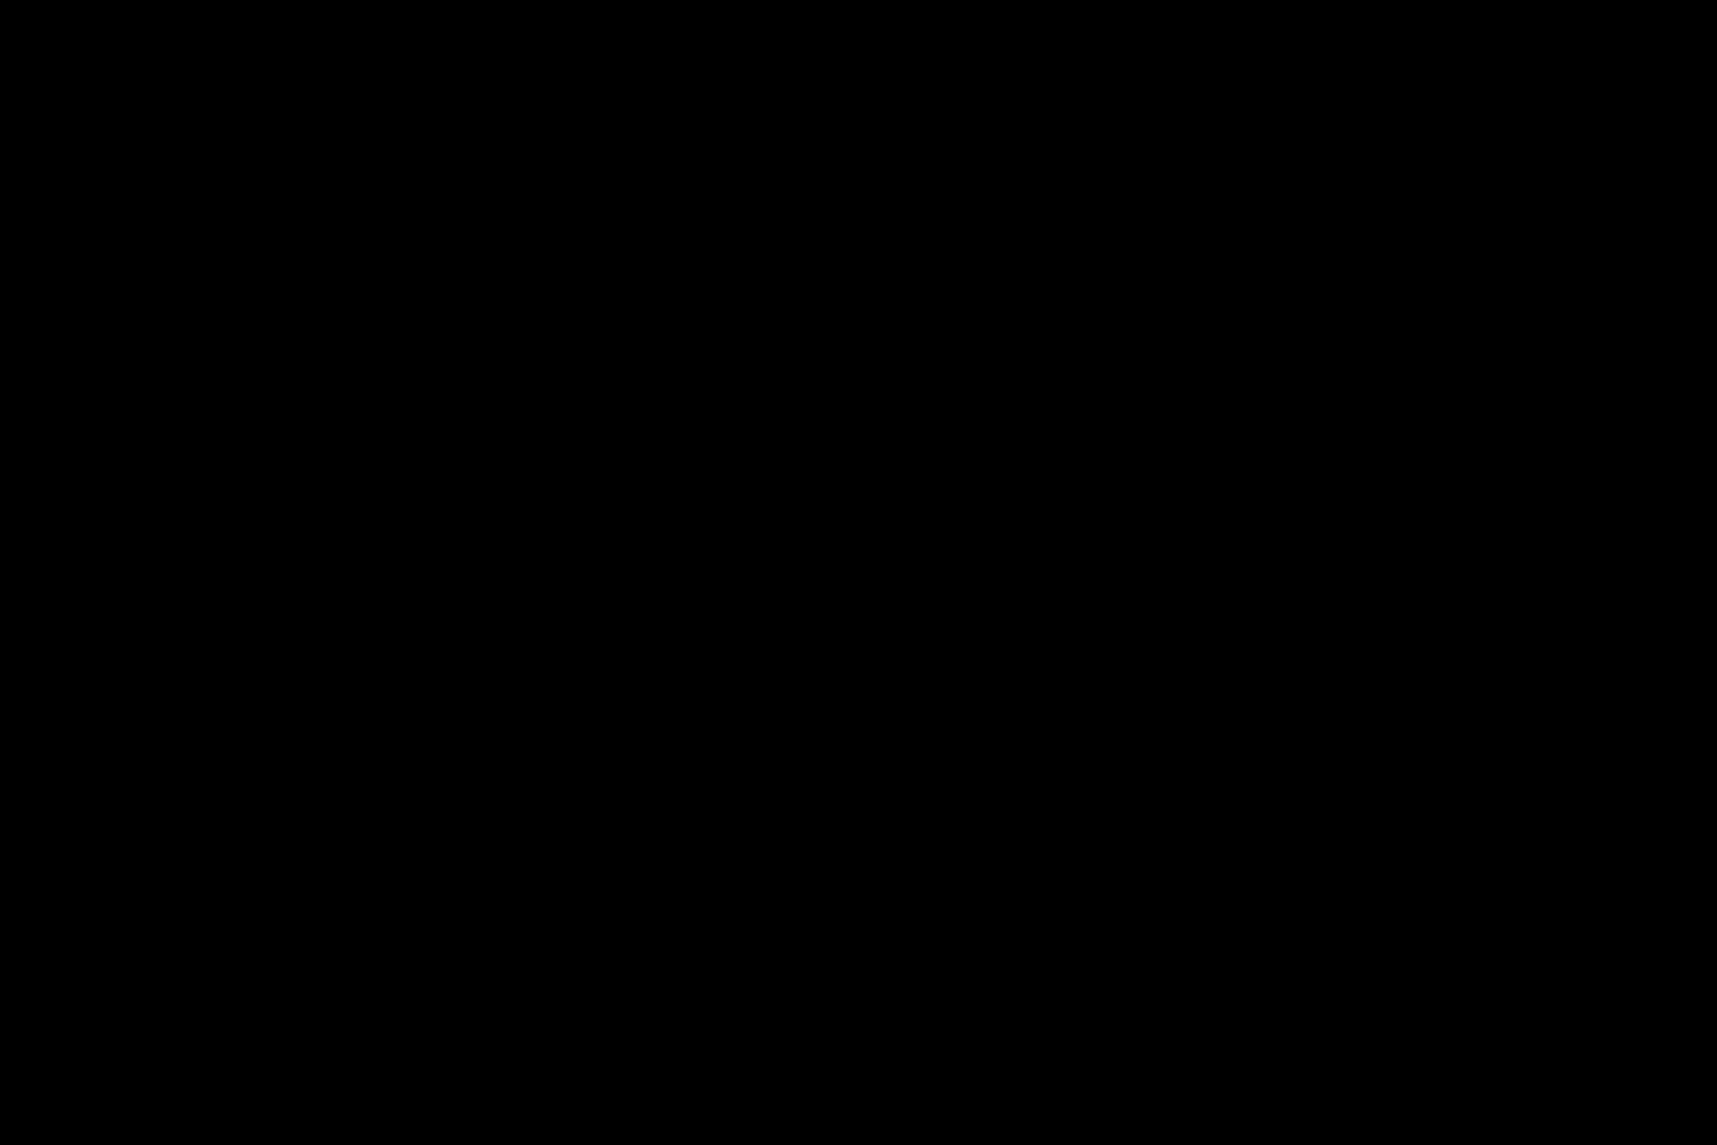 Aurun sortida aurun2